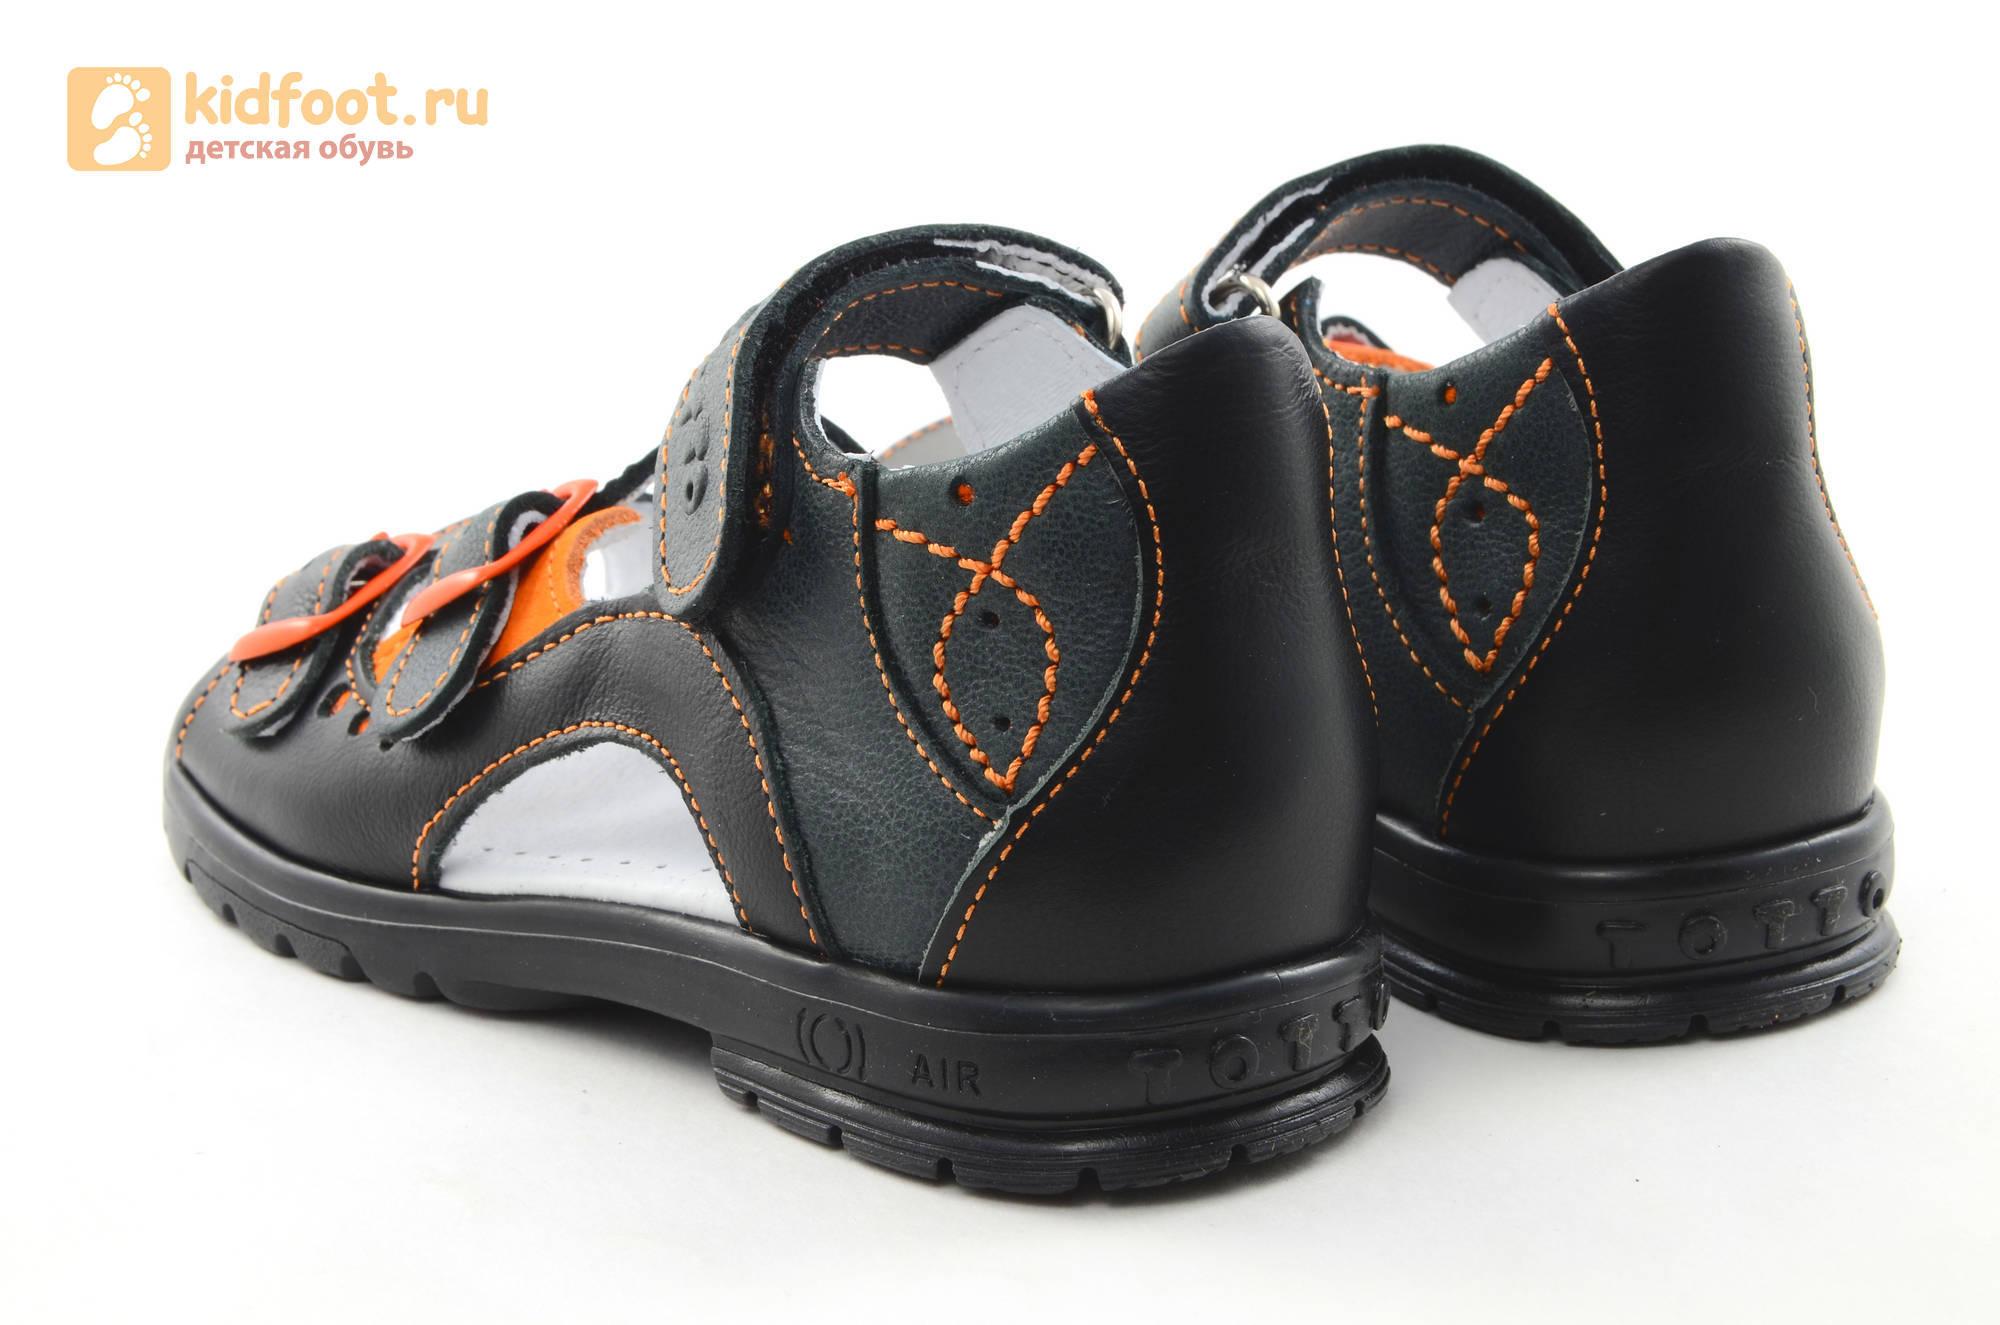 Сандалии для мальчиков из натуральной кожи с открытым носом на липучке Тотто, цвет черный оранжевый